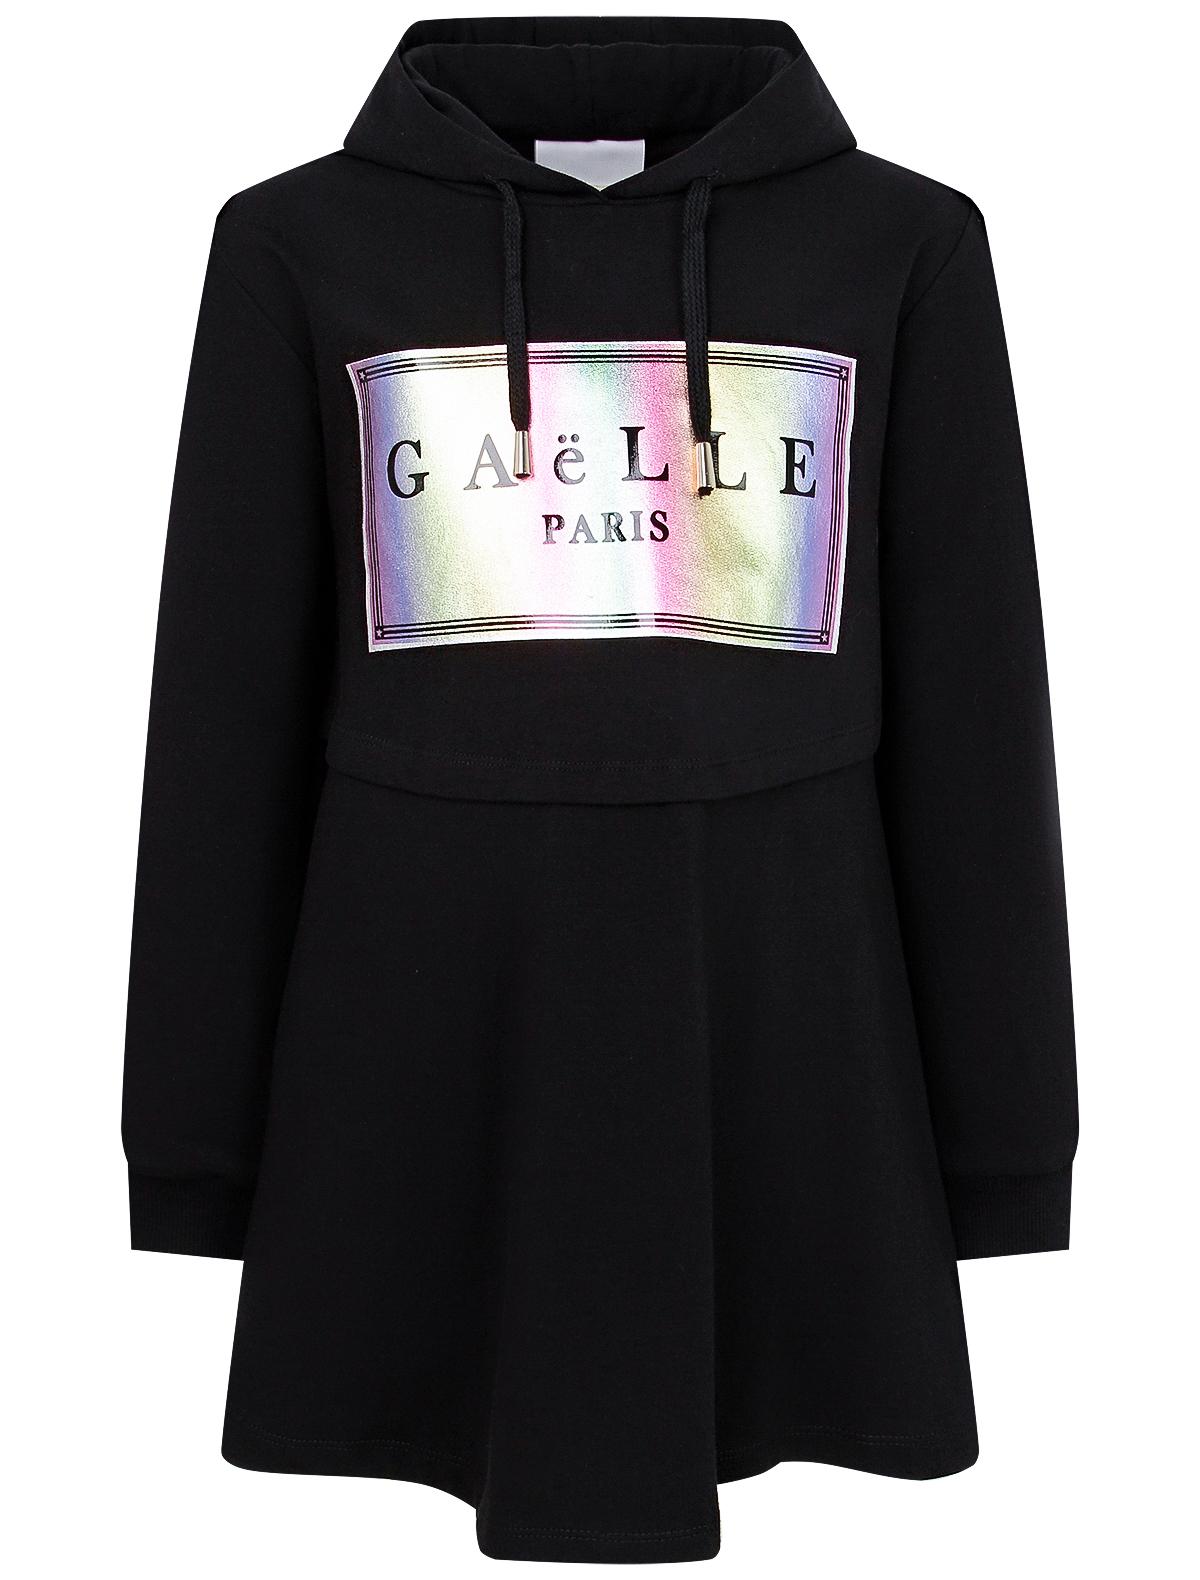 Купить 2202827, Платье GAELLE, черный, Женский, 1054609071434